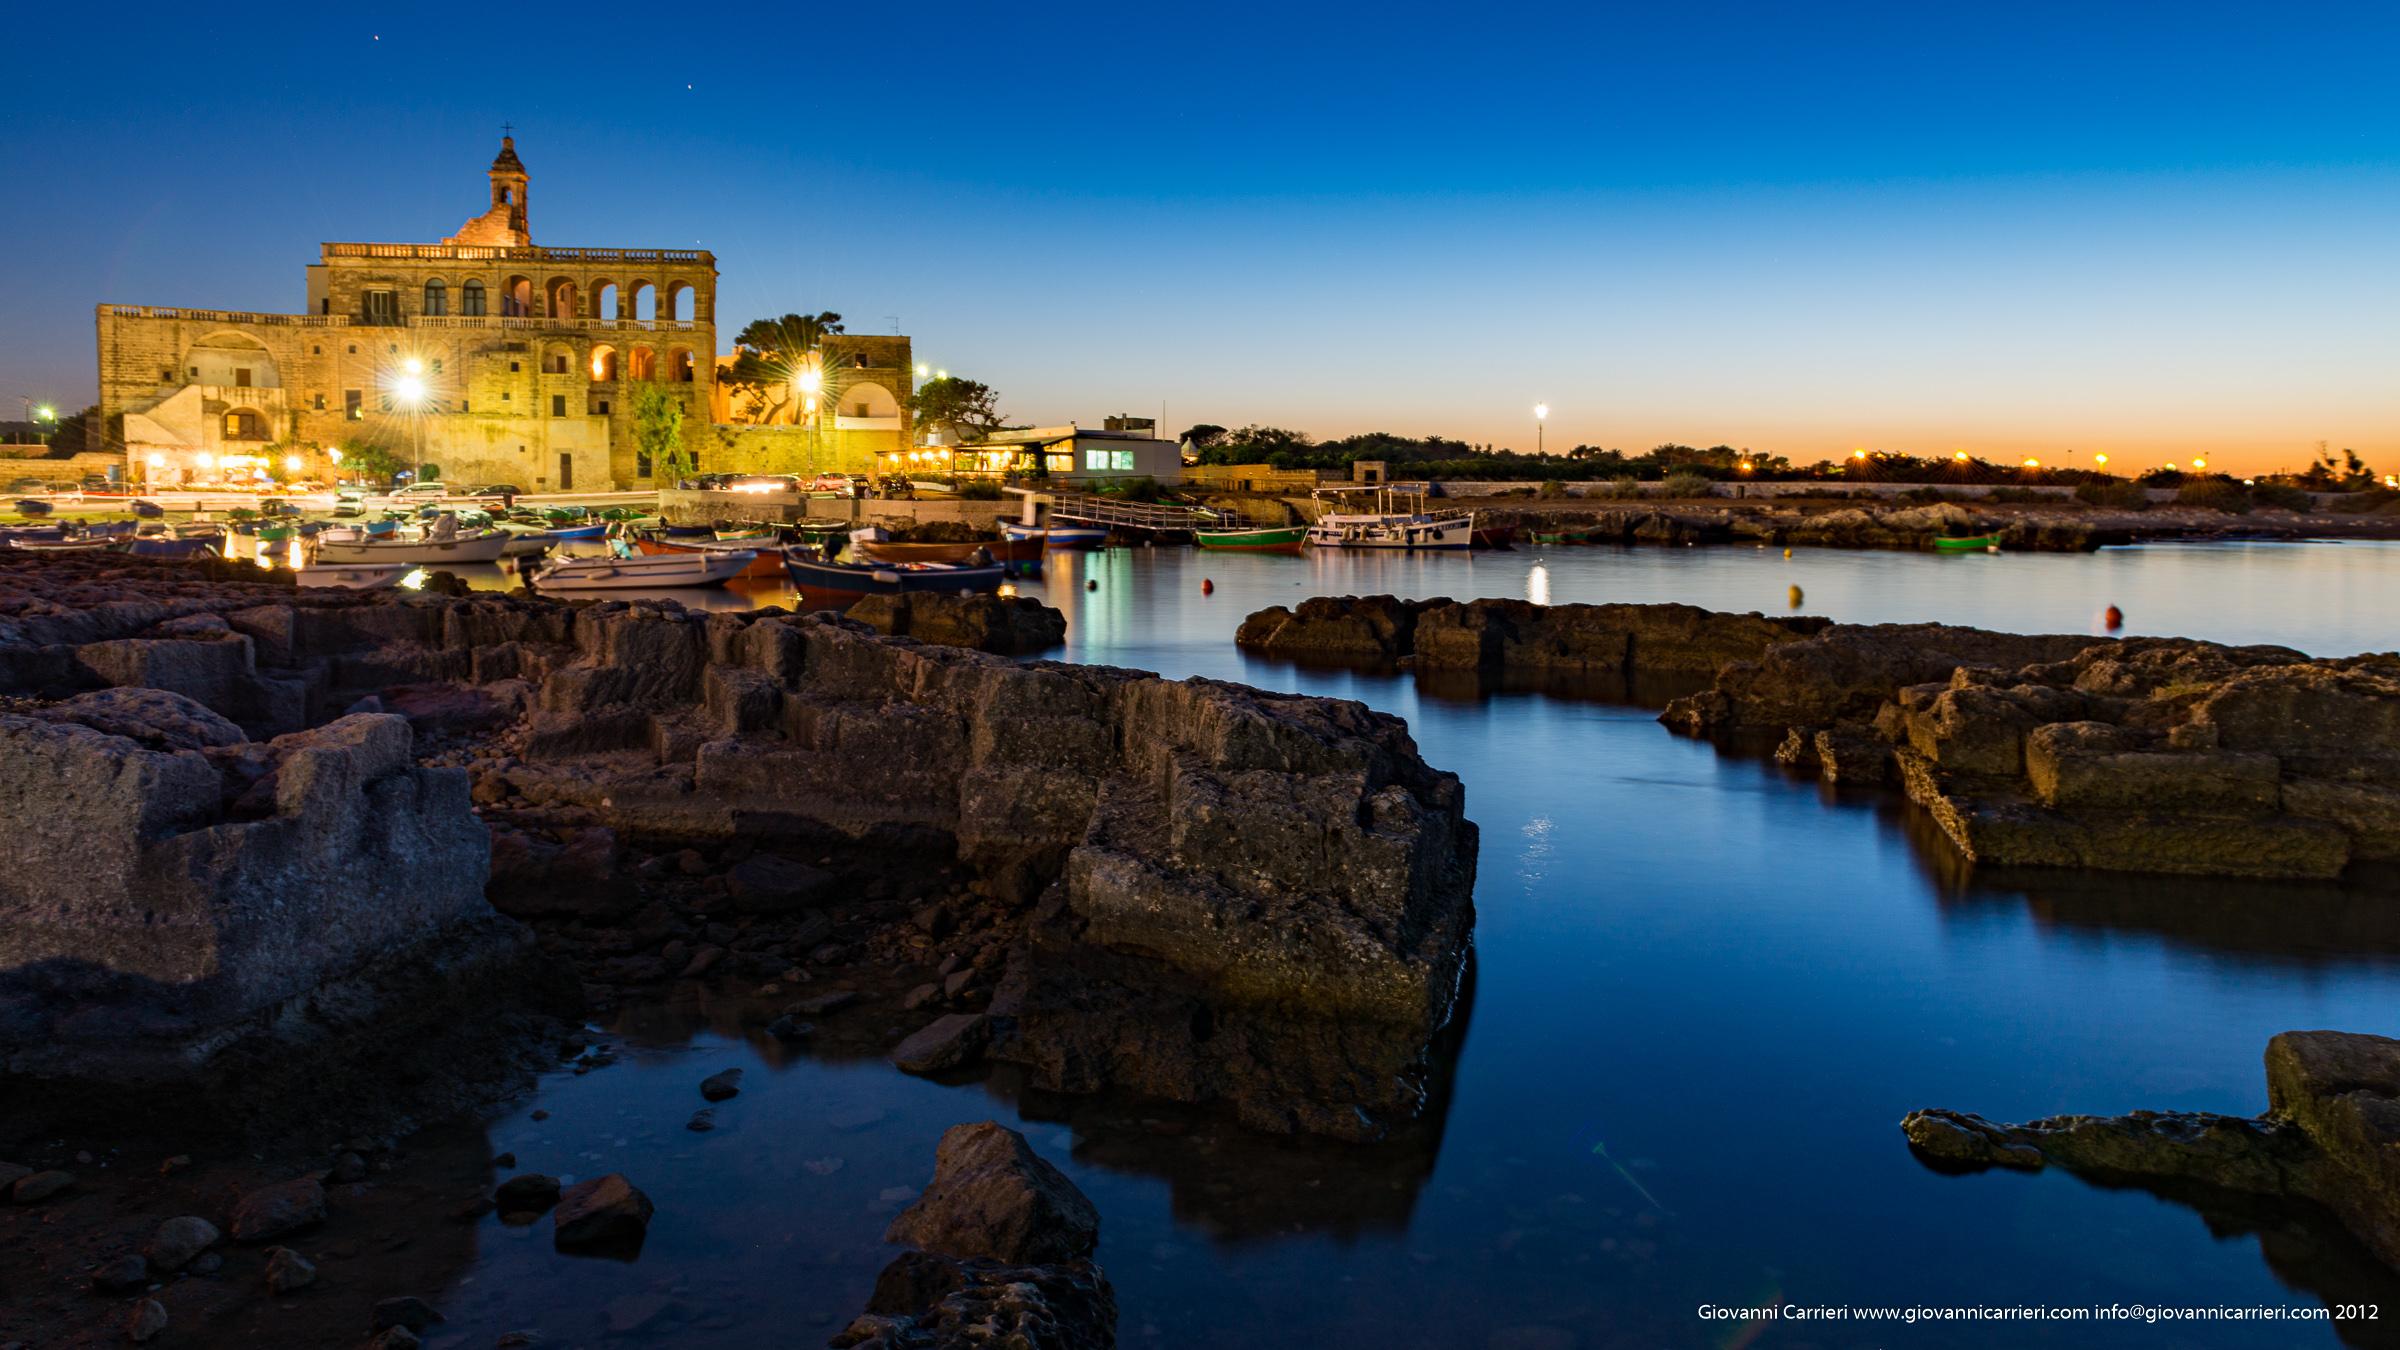 L'Abbazia di San vito al tramonto - Polignano a Mare